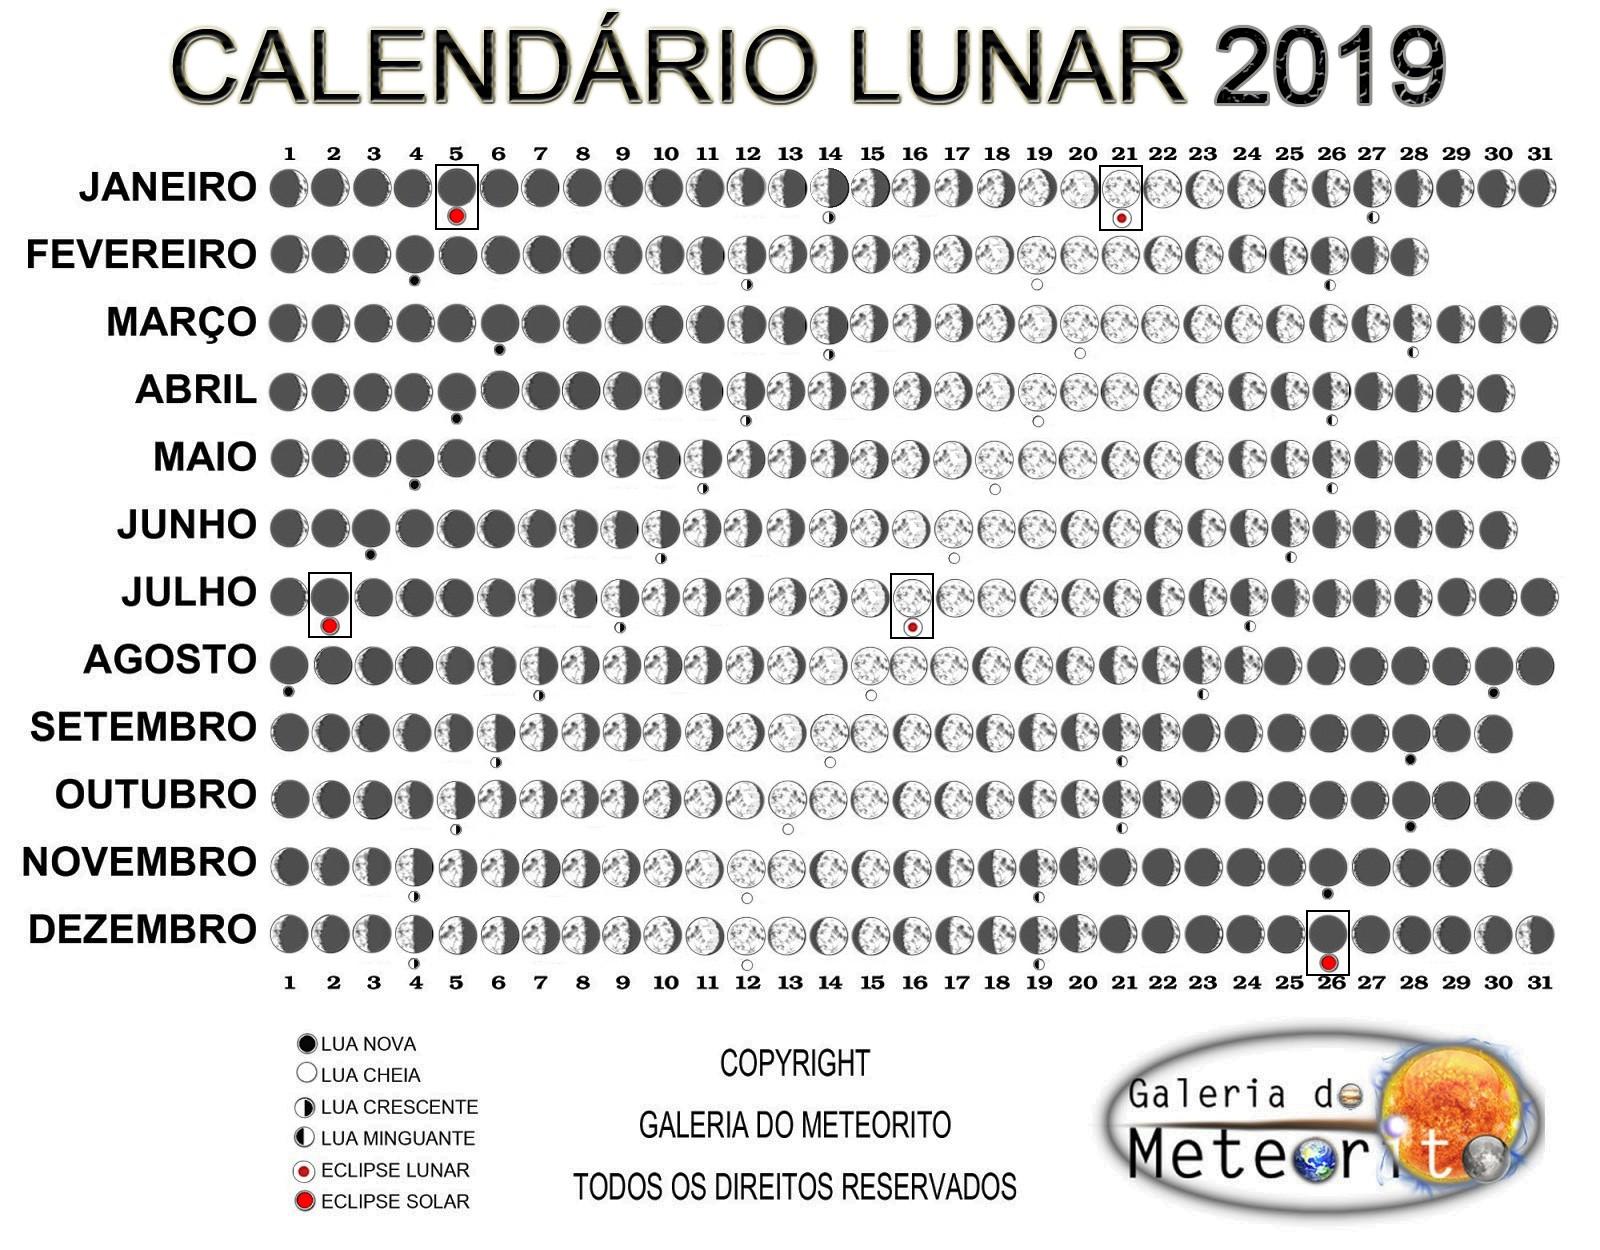 Calendario Lunar 2019 Branco